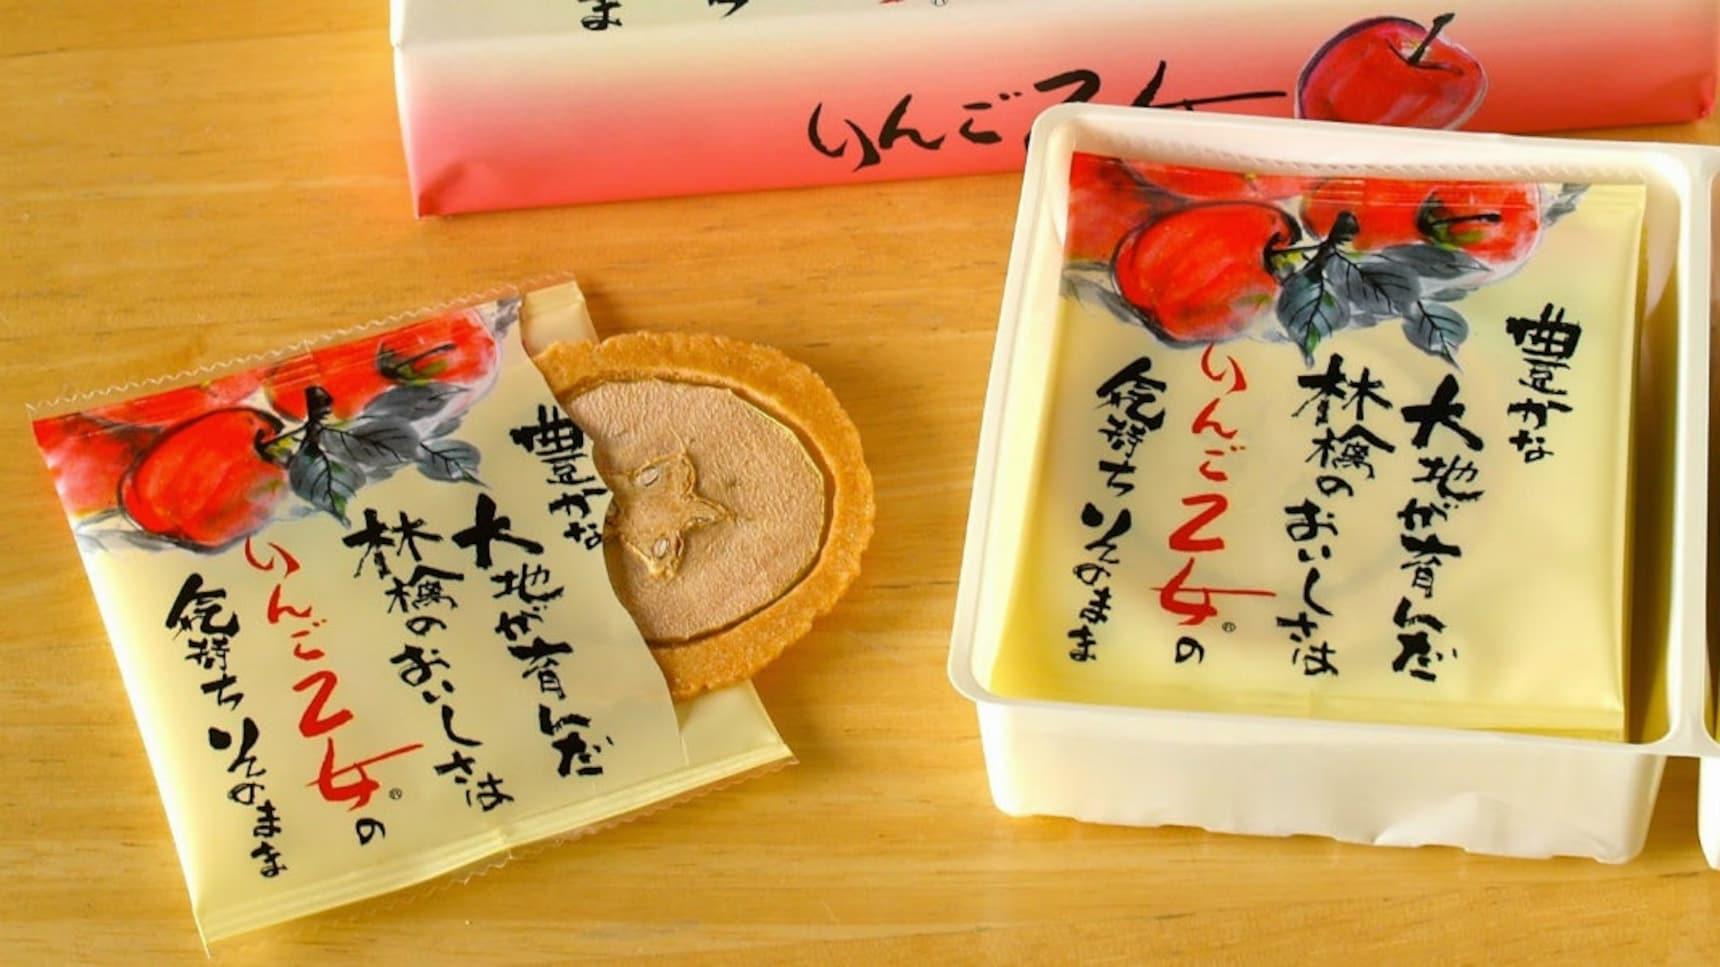 Nagano's Top 4 Omiyage Snacks